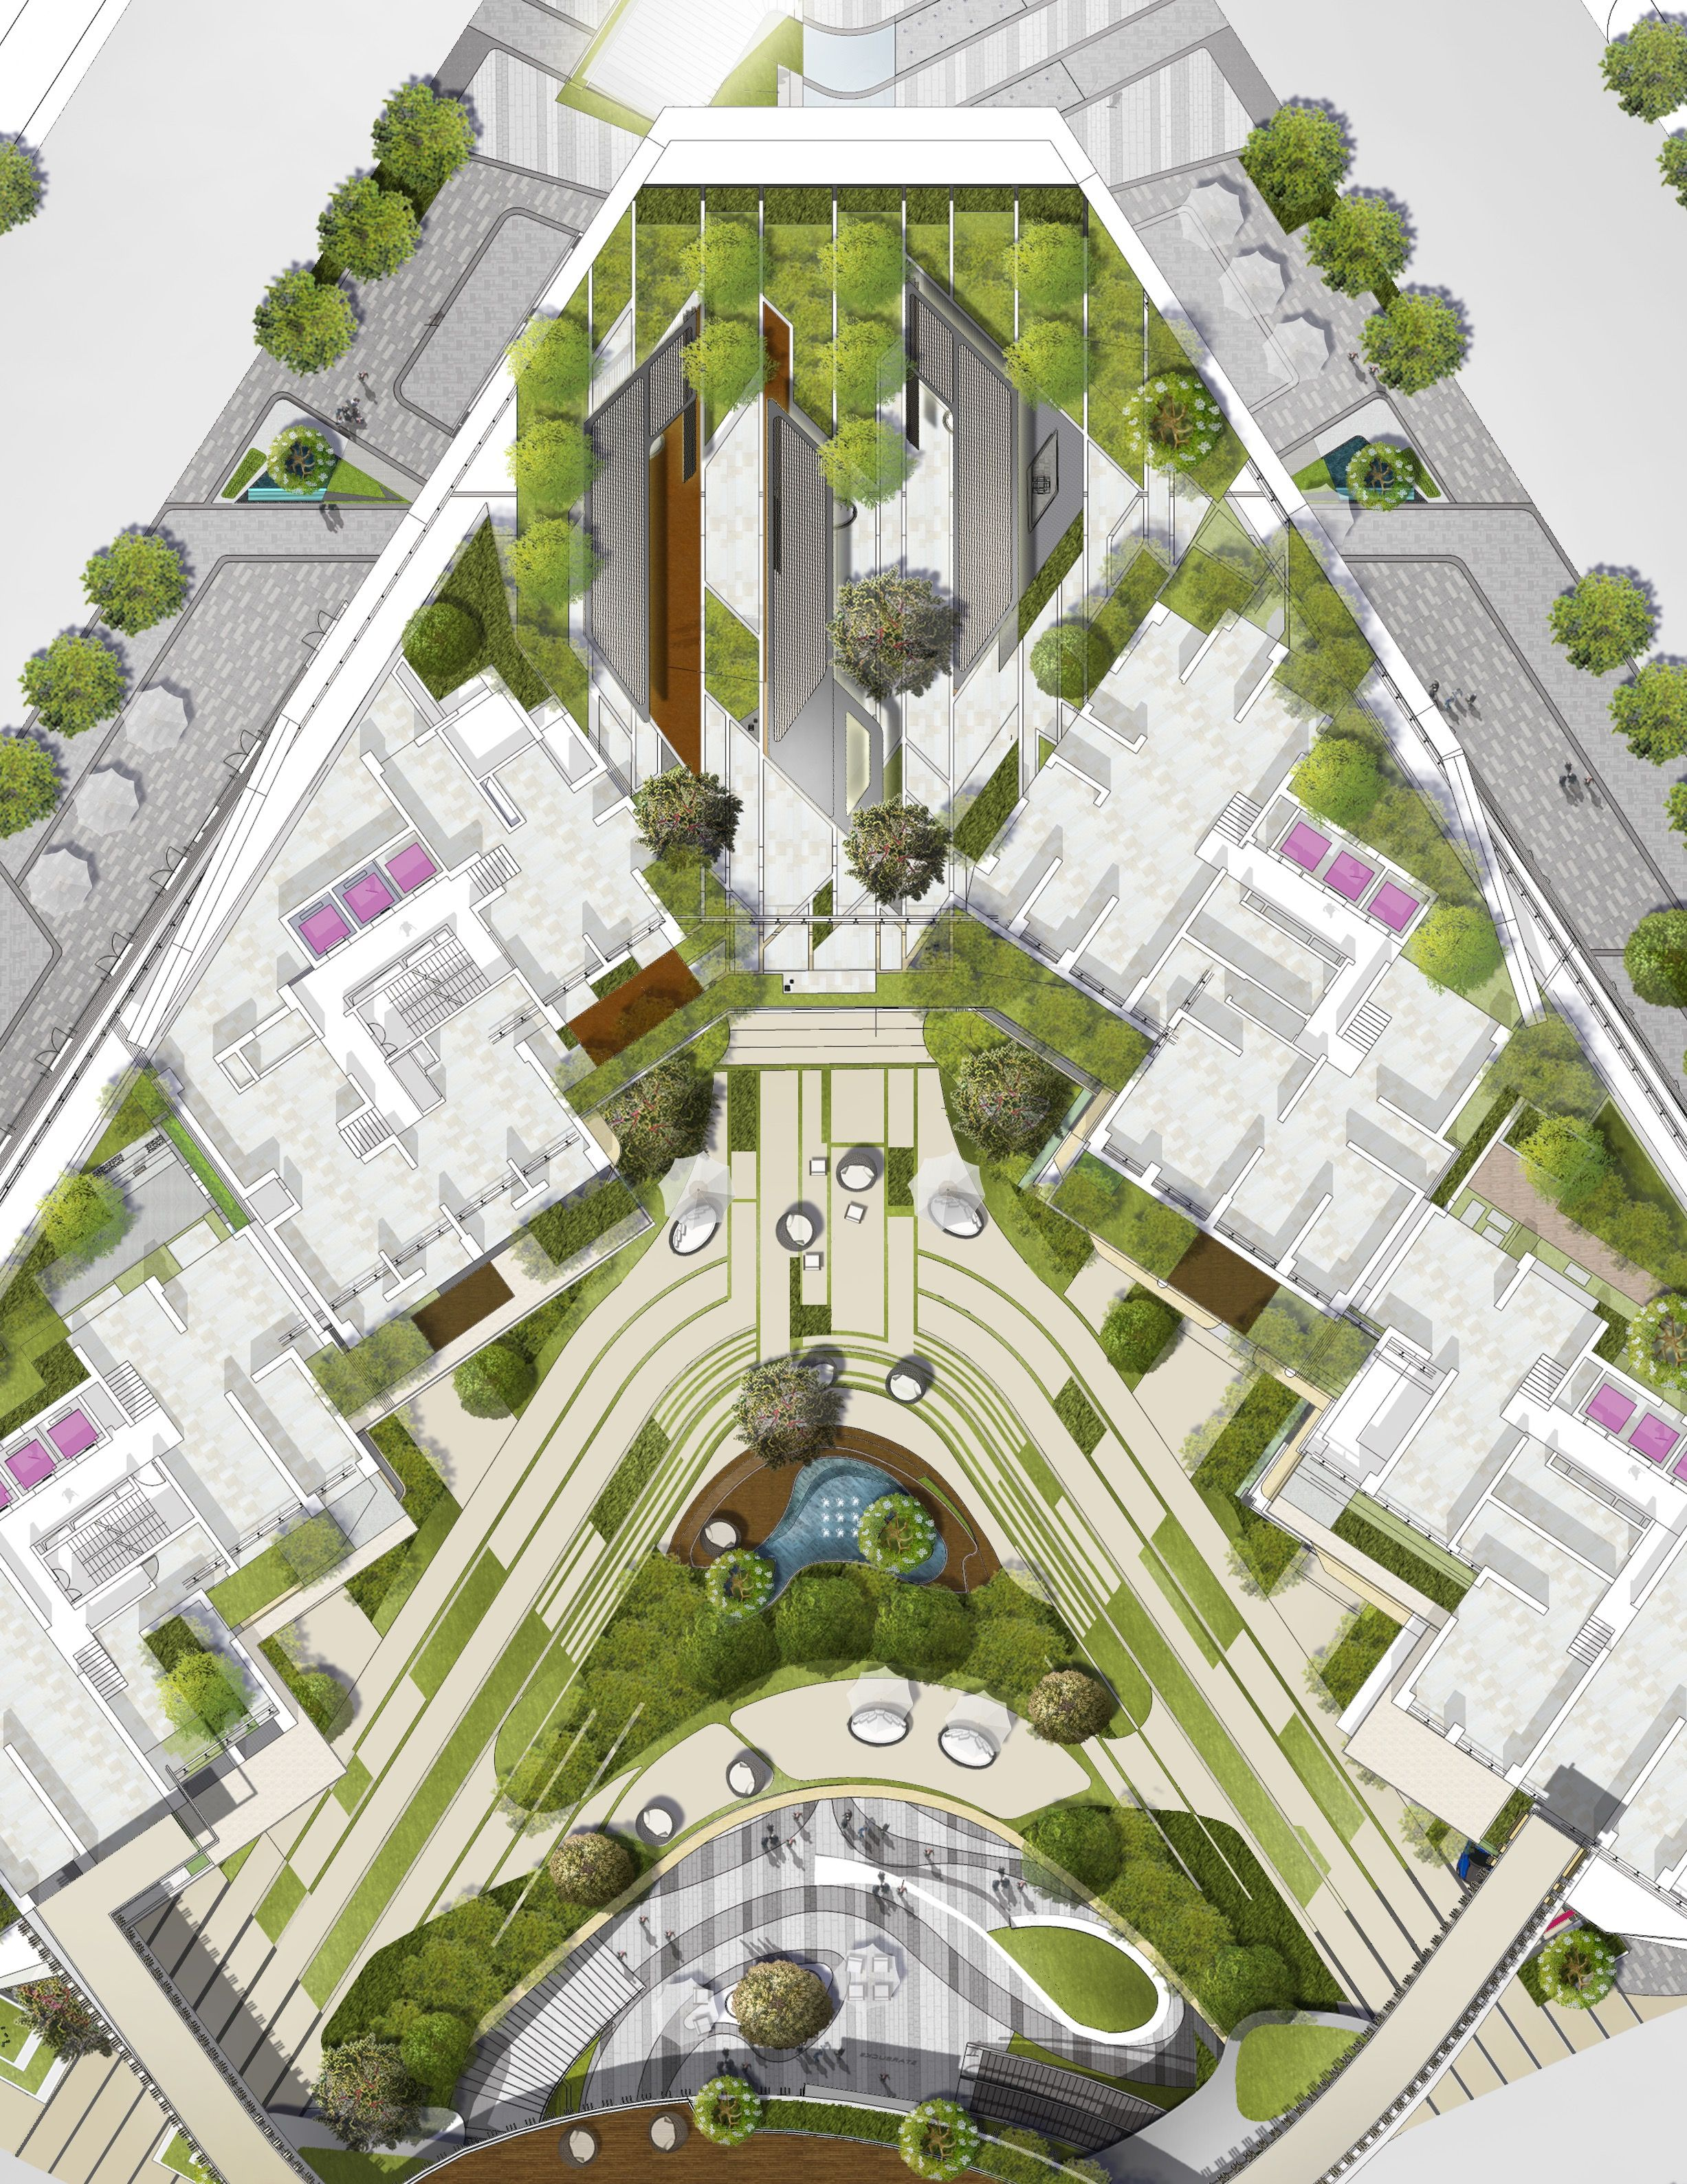 Residential Landscape Design M Oplado 2015 Metrostudio Landscape Architecture Plan Landscape Design Plans Plaza Design